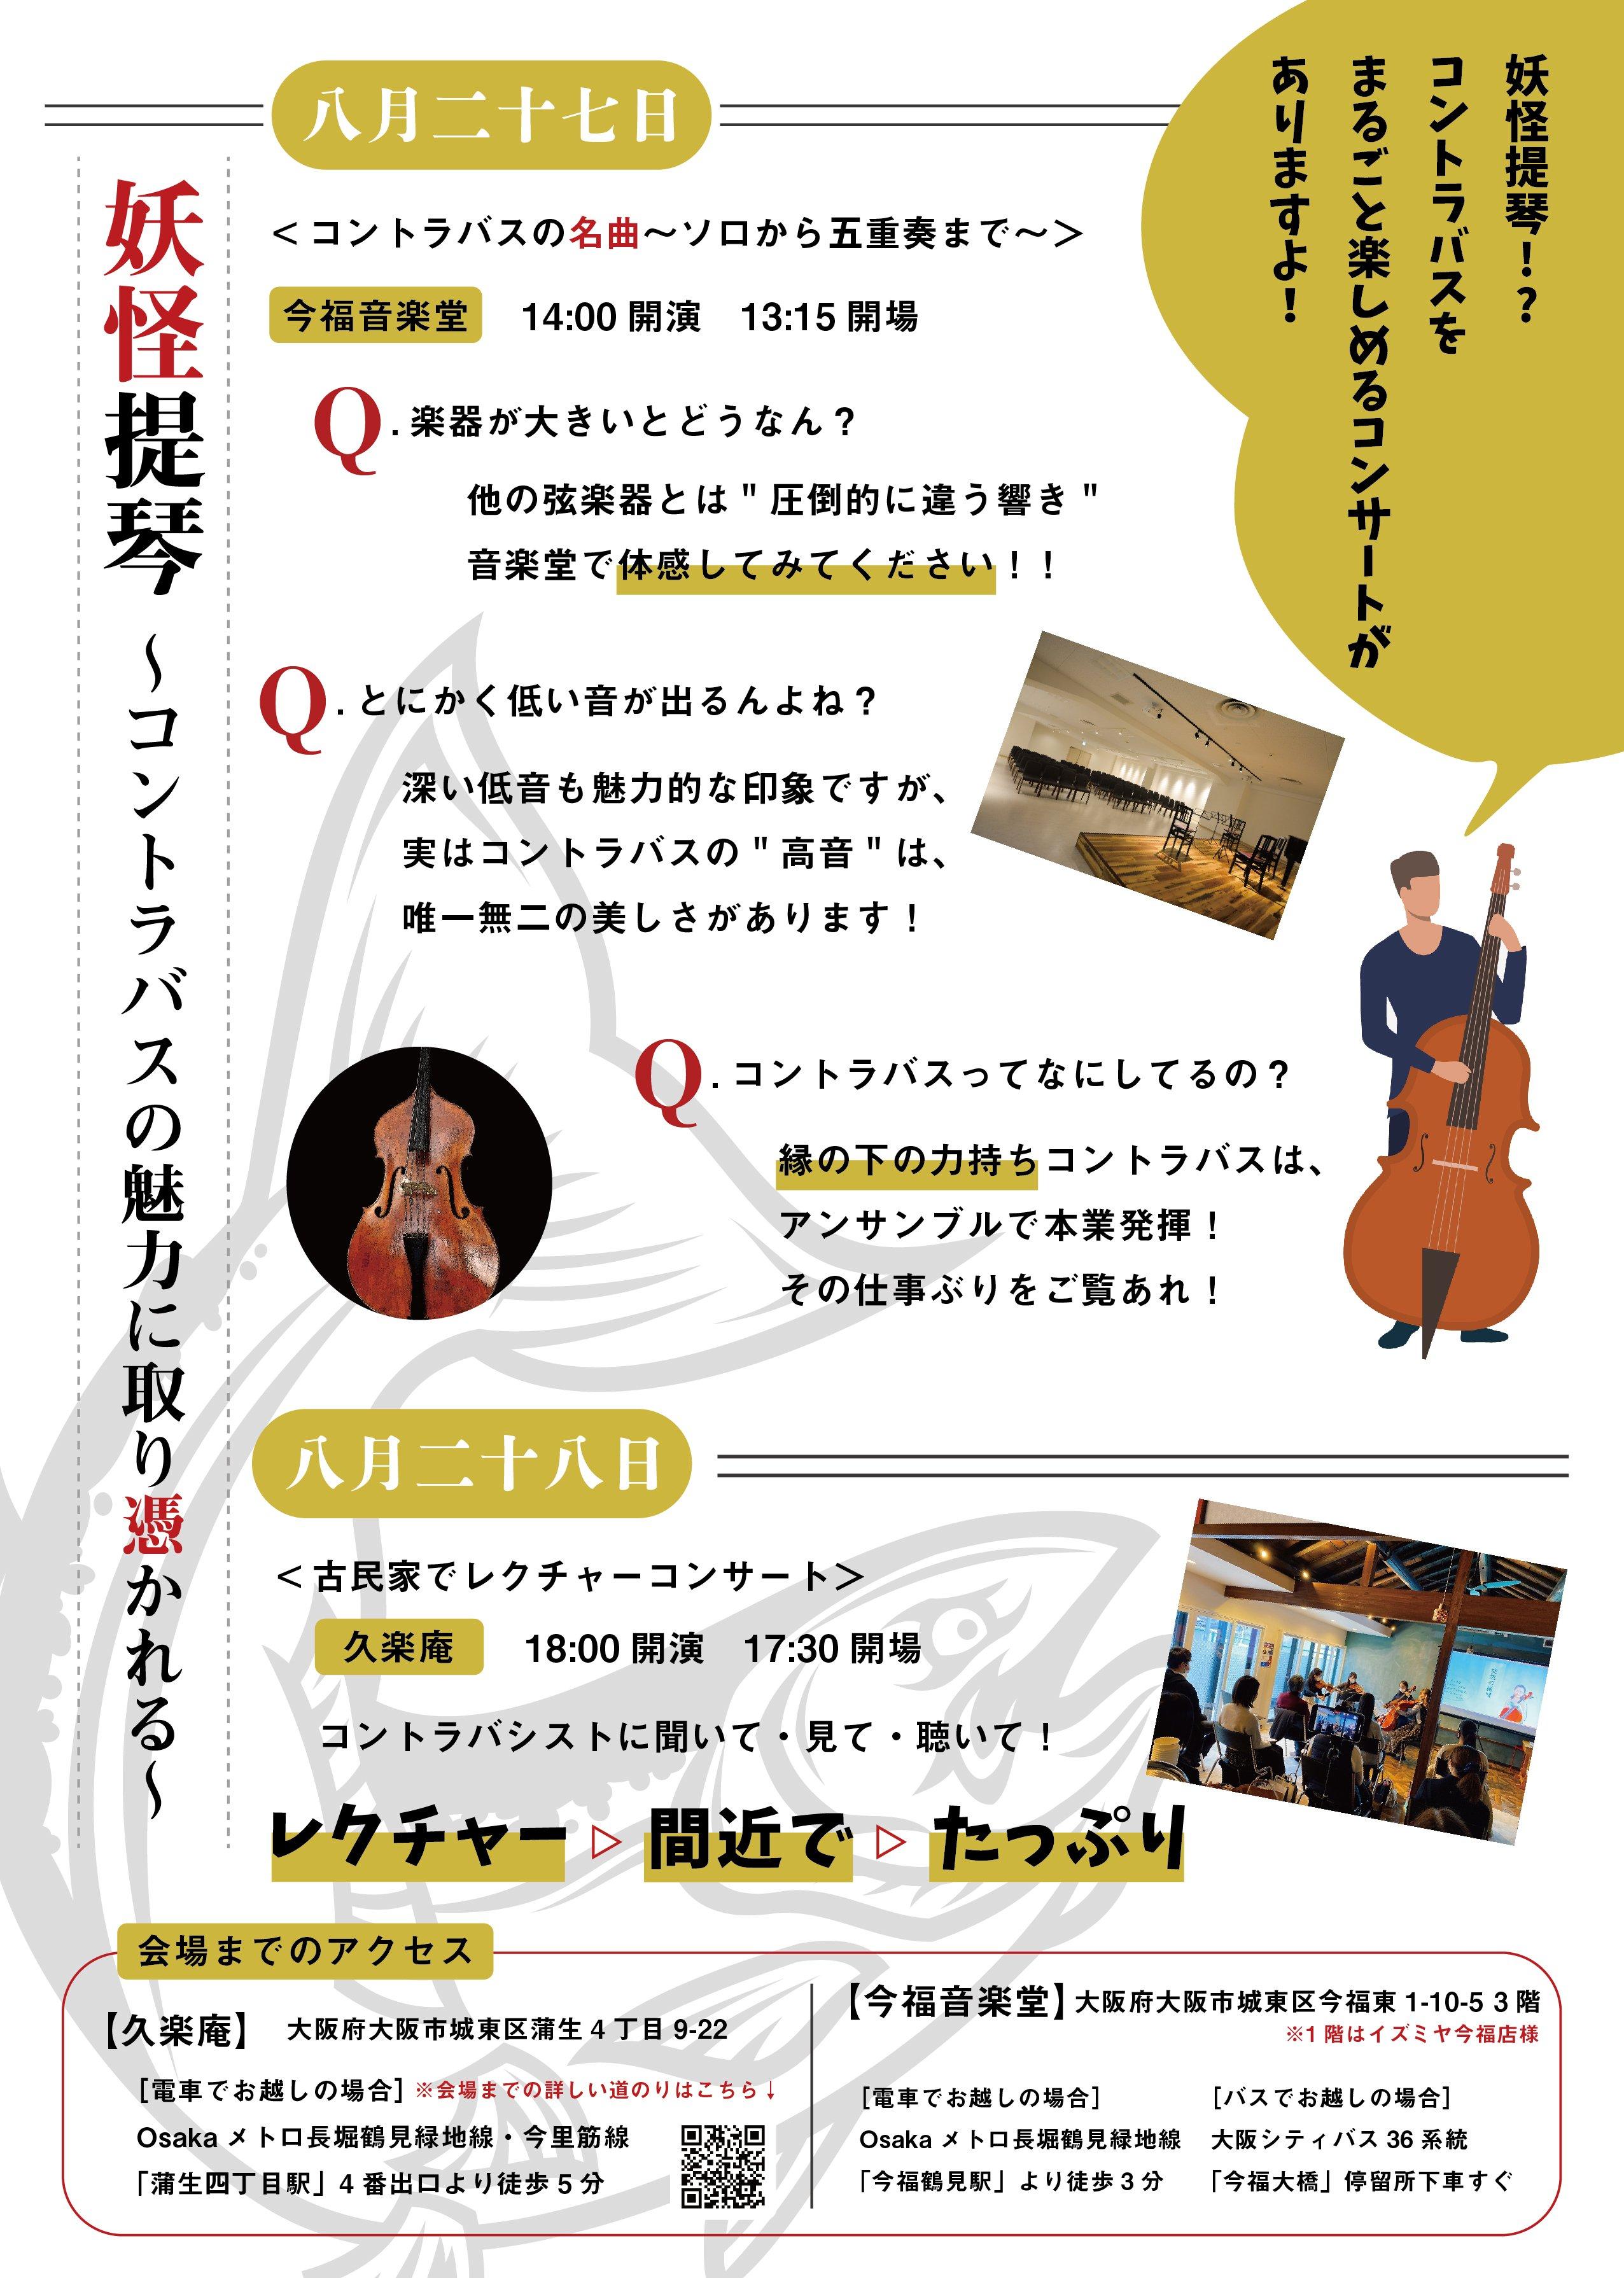 【各日学生】8月28日開催「妖怪提琴、コントラバスの名曲〜ソロから五重奏まで〜」のイメージその2